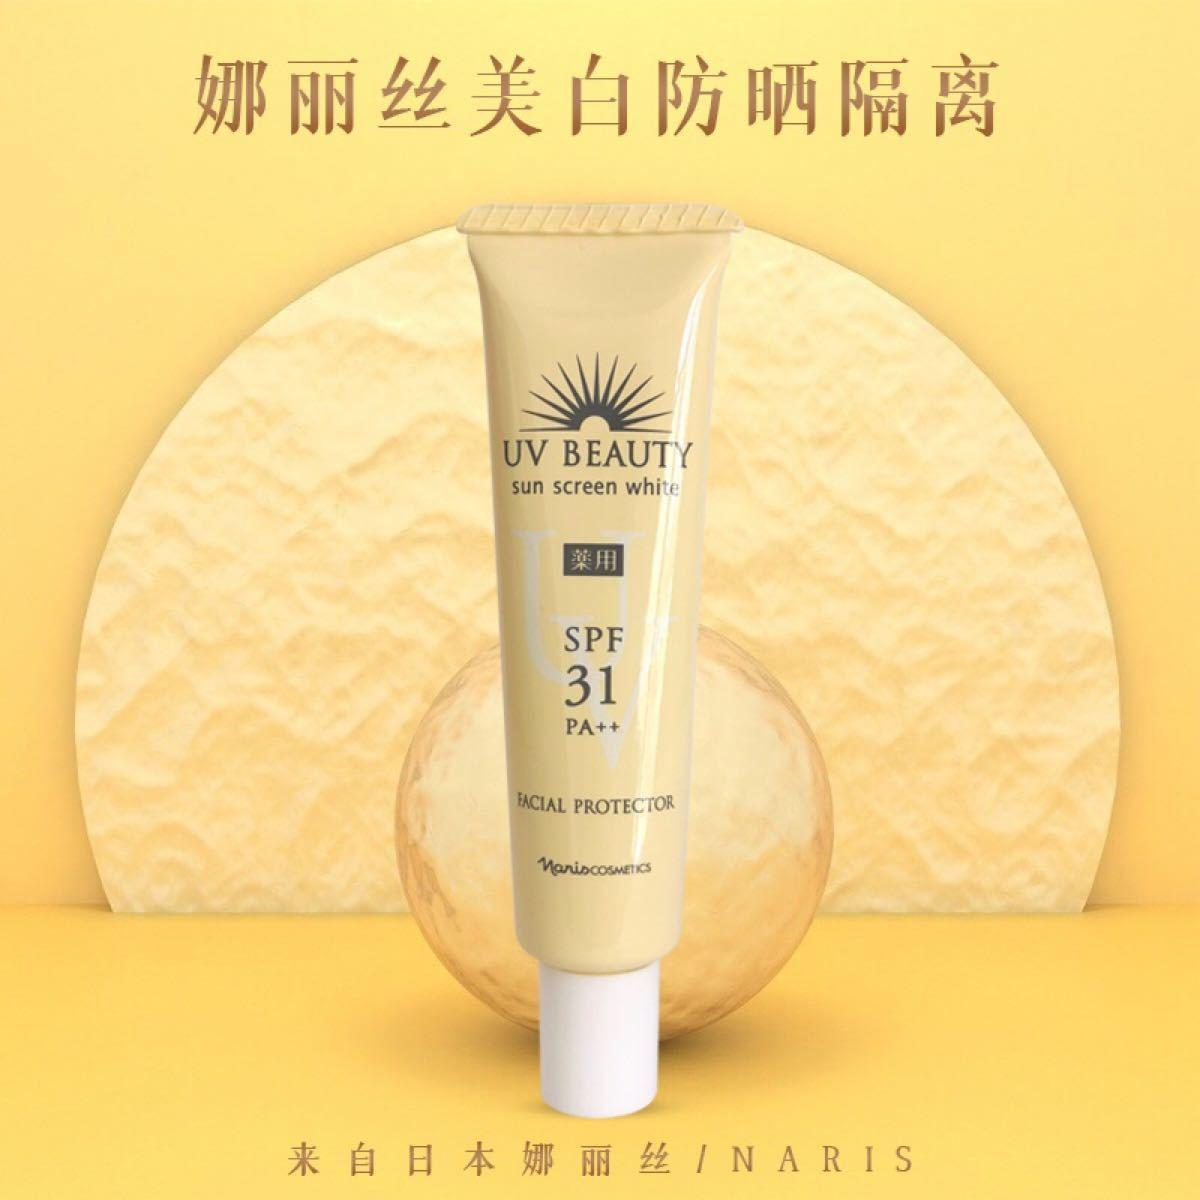 Sữa Chống Nắng Naris UV Beauty Sun Screen White Facial Protector SPF31 PA++ Bảo Vệ Da Mặt